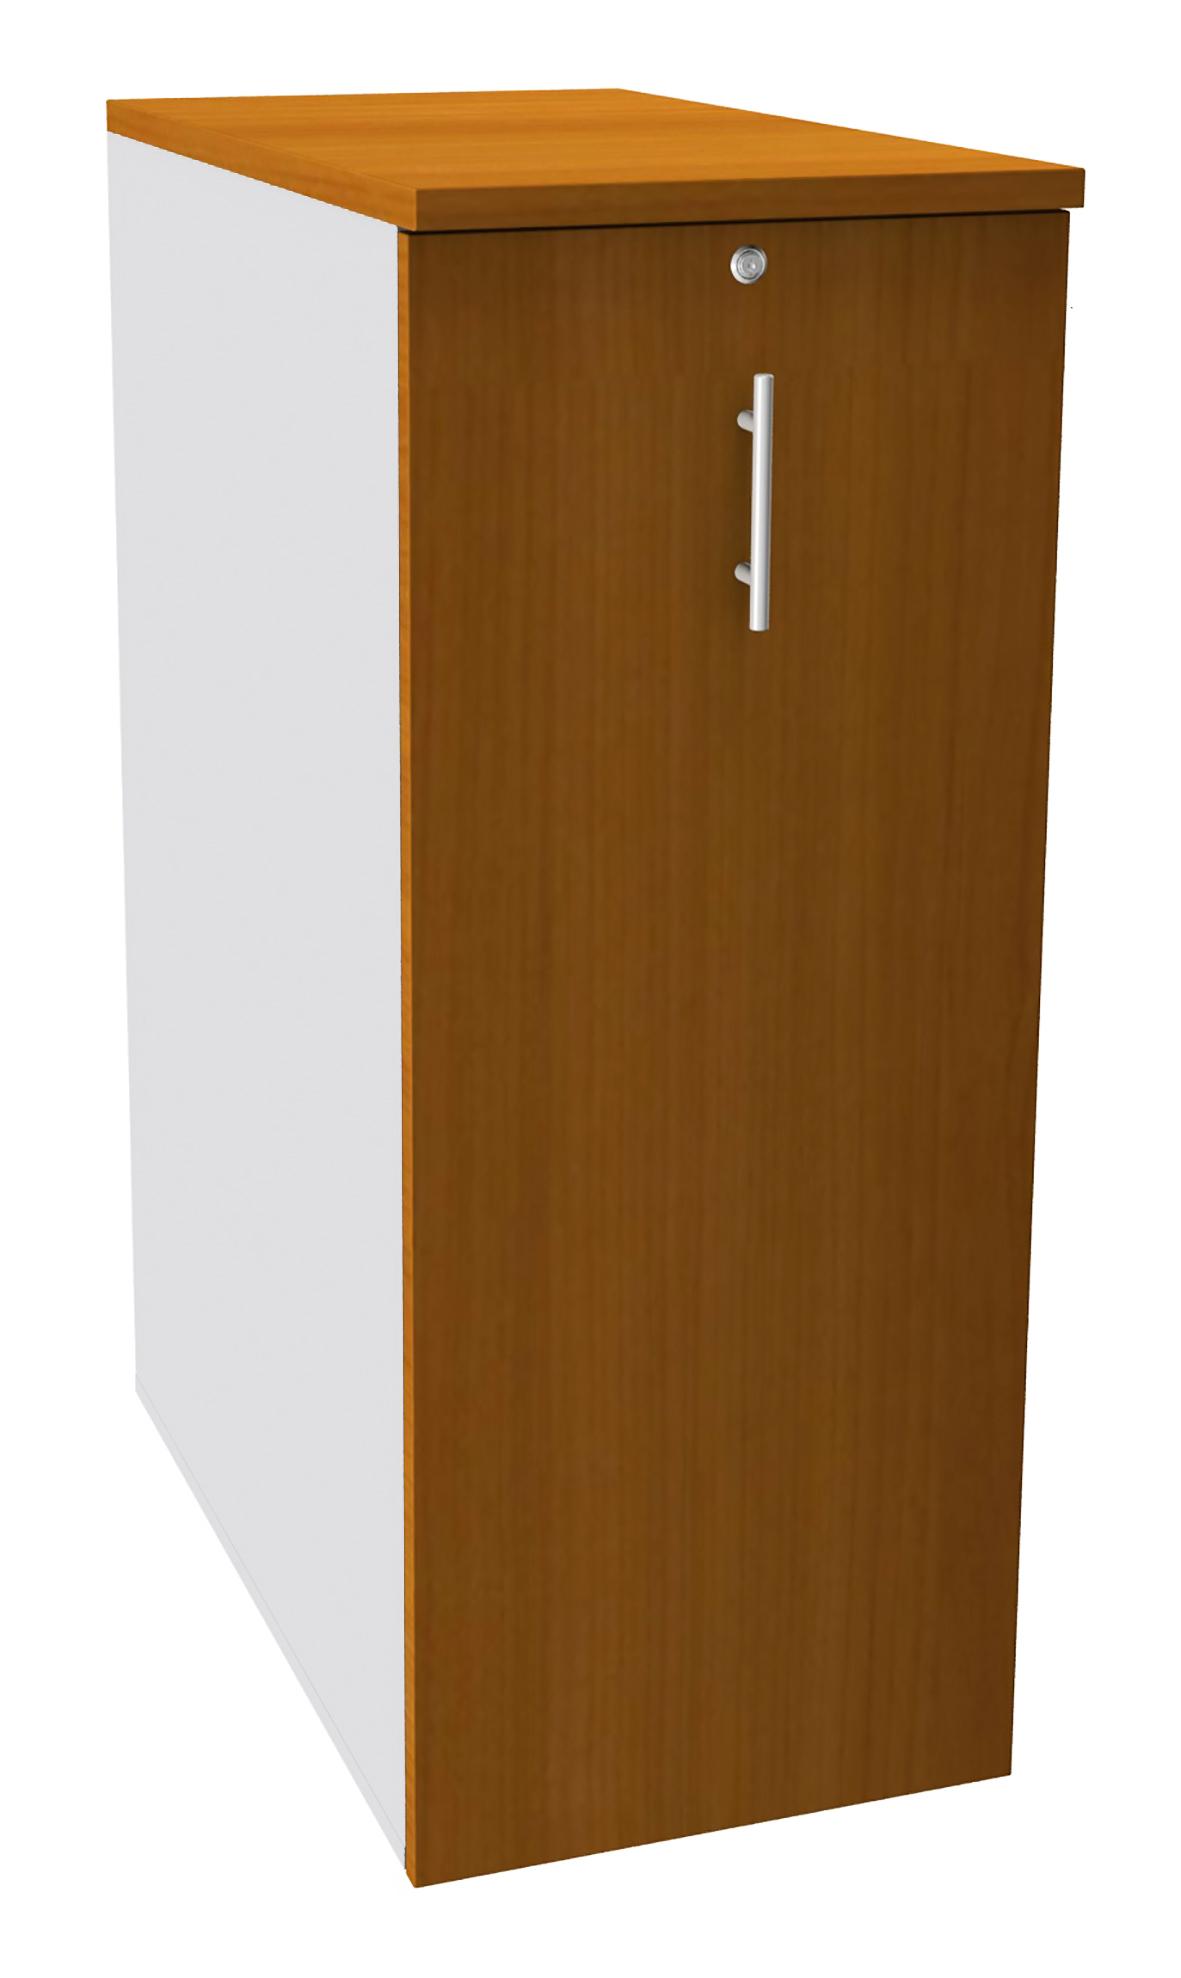 Caisson TOWER - L44 x H114 x P80 cm - 3 tablettes + 1 support DS réglable - structure blanc perle - dessus et façade imitation merisier